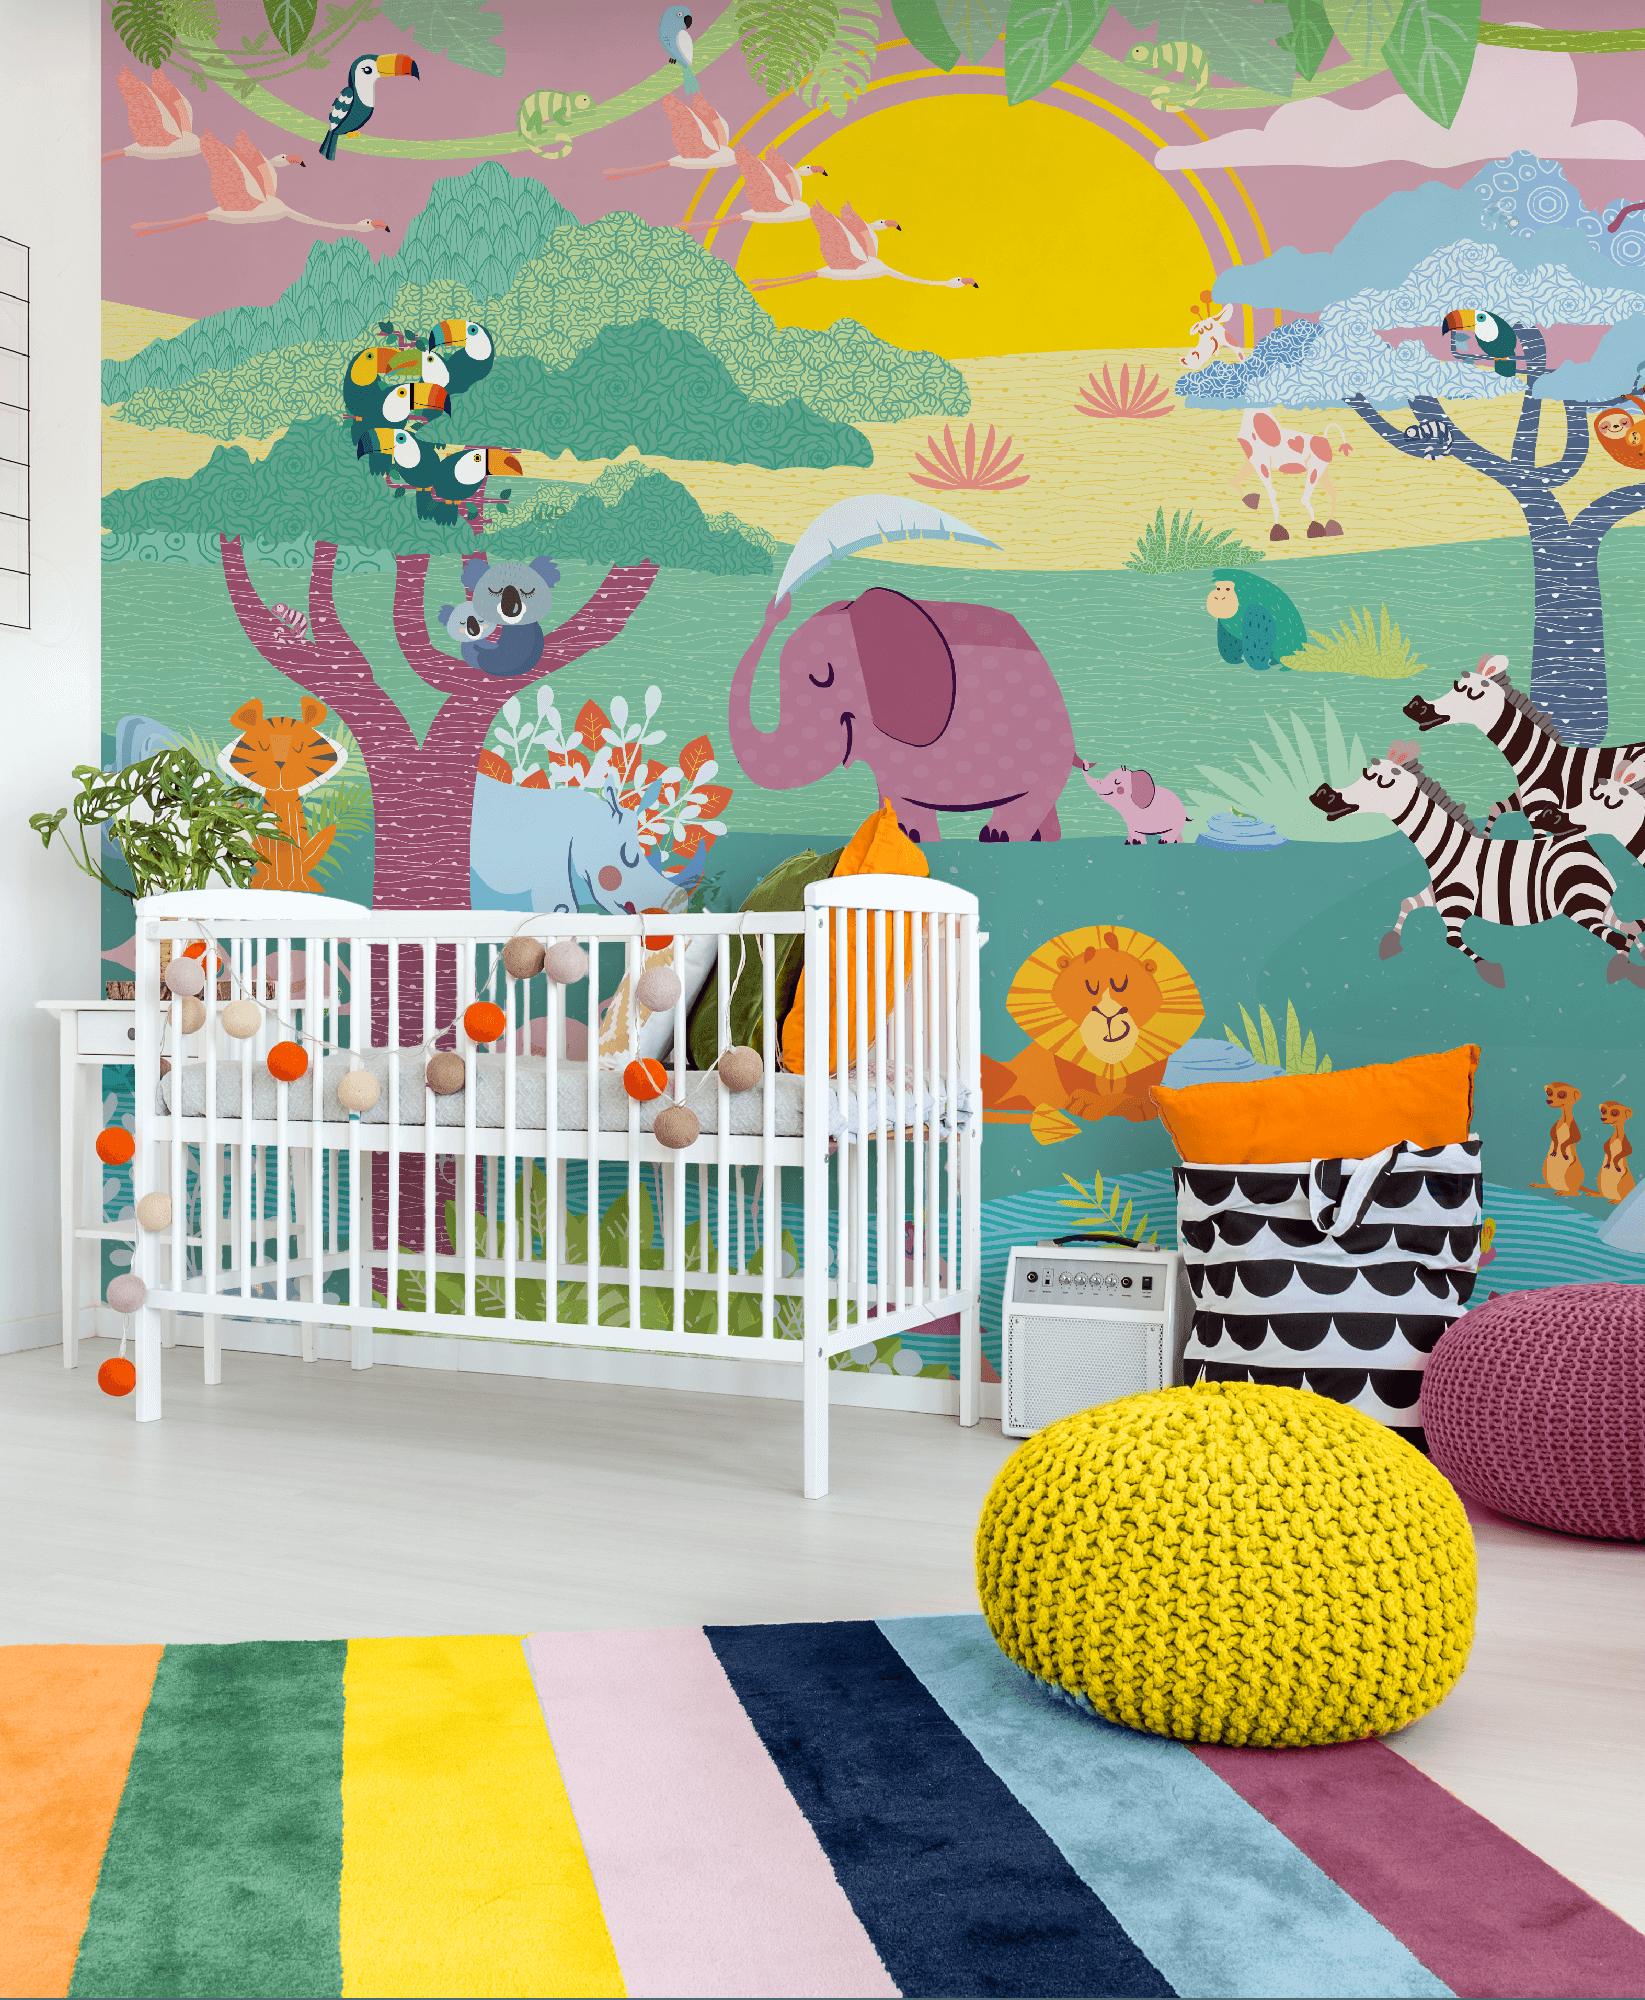 Il giardino delle meraviglie carta da parati baby interior design wallpaper - Il giardino delle meraviglie ...